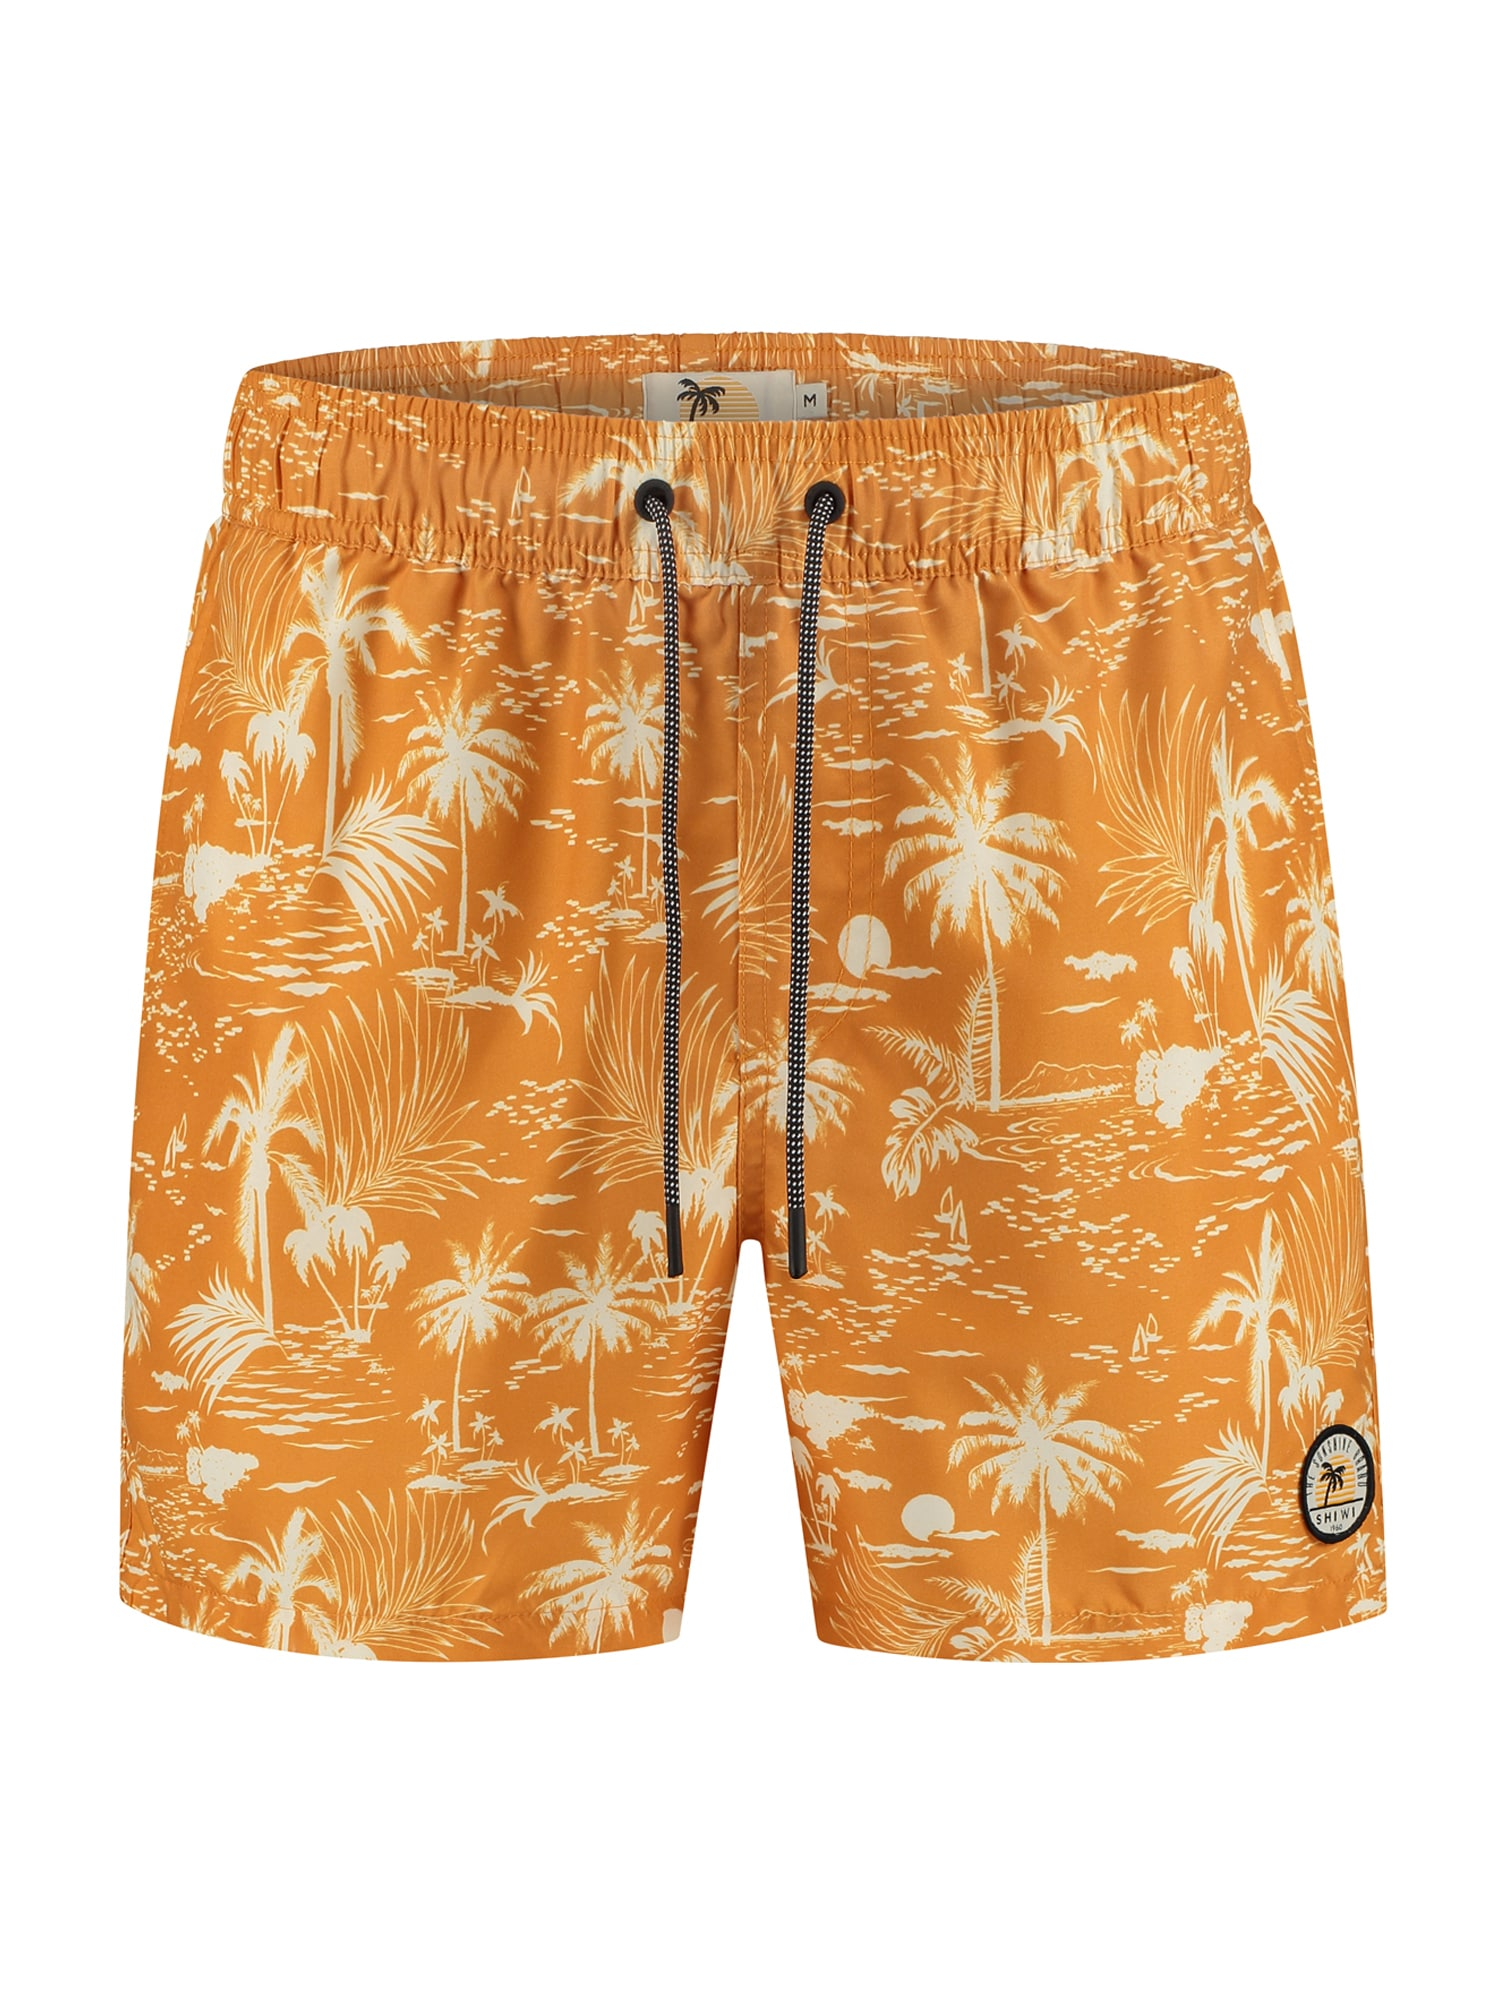 Shiwi Plavecké šortky  oranžová / krémová